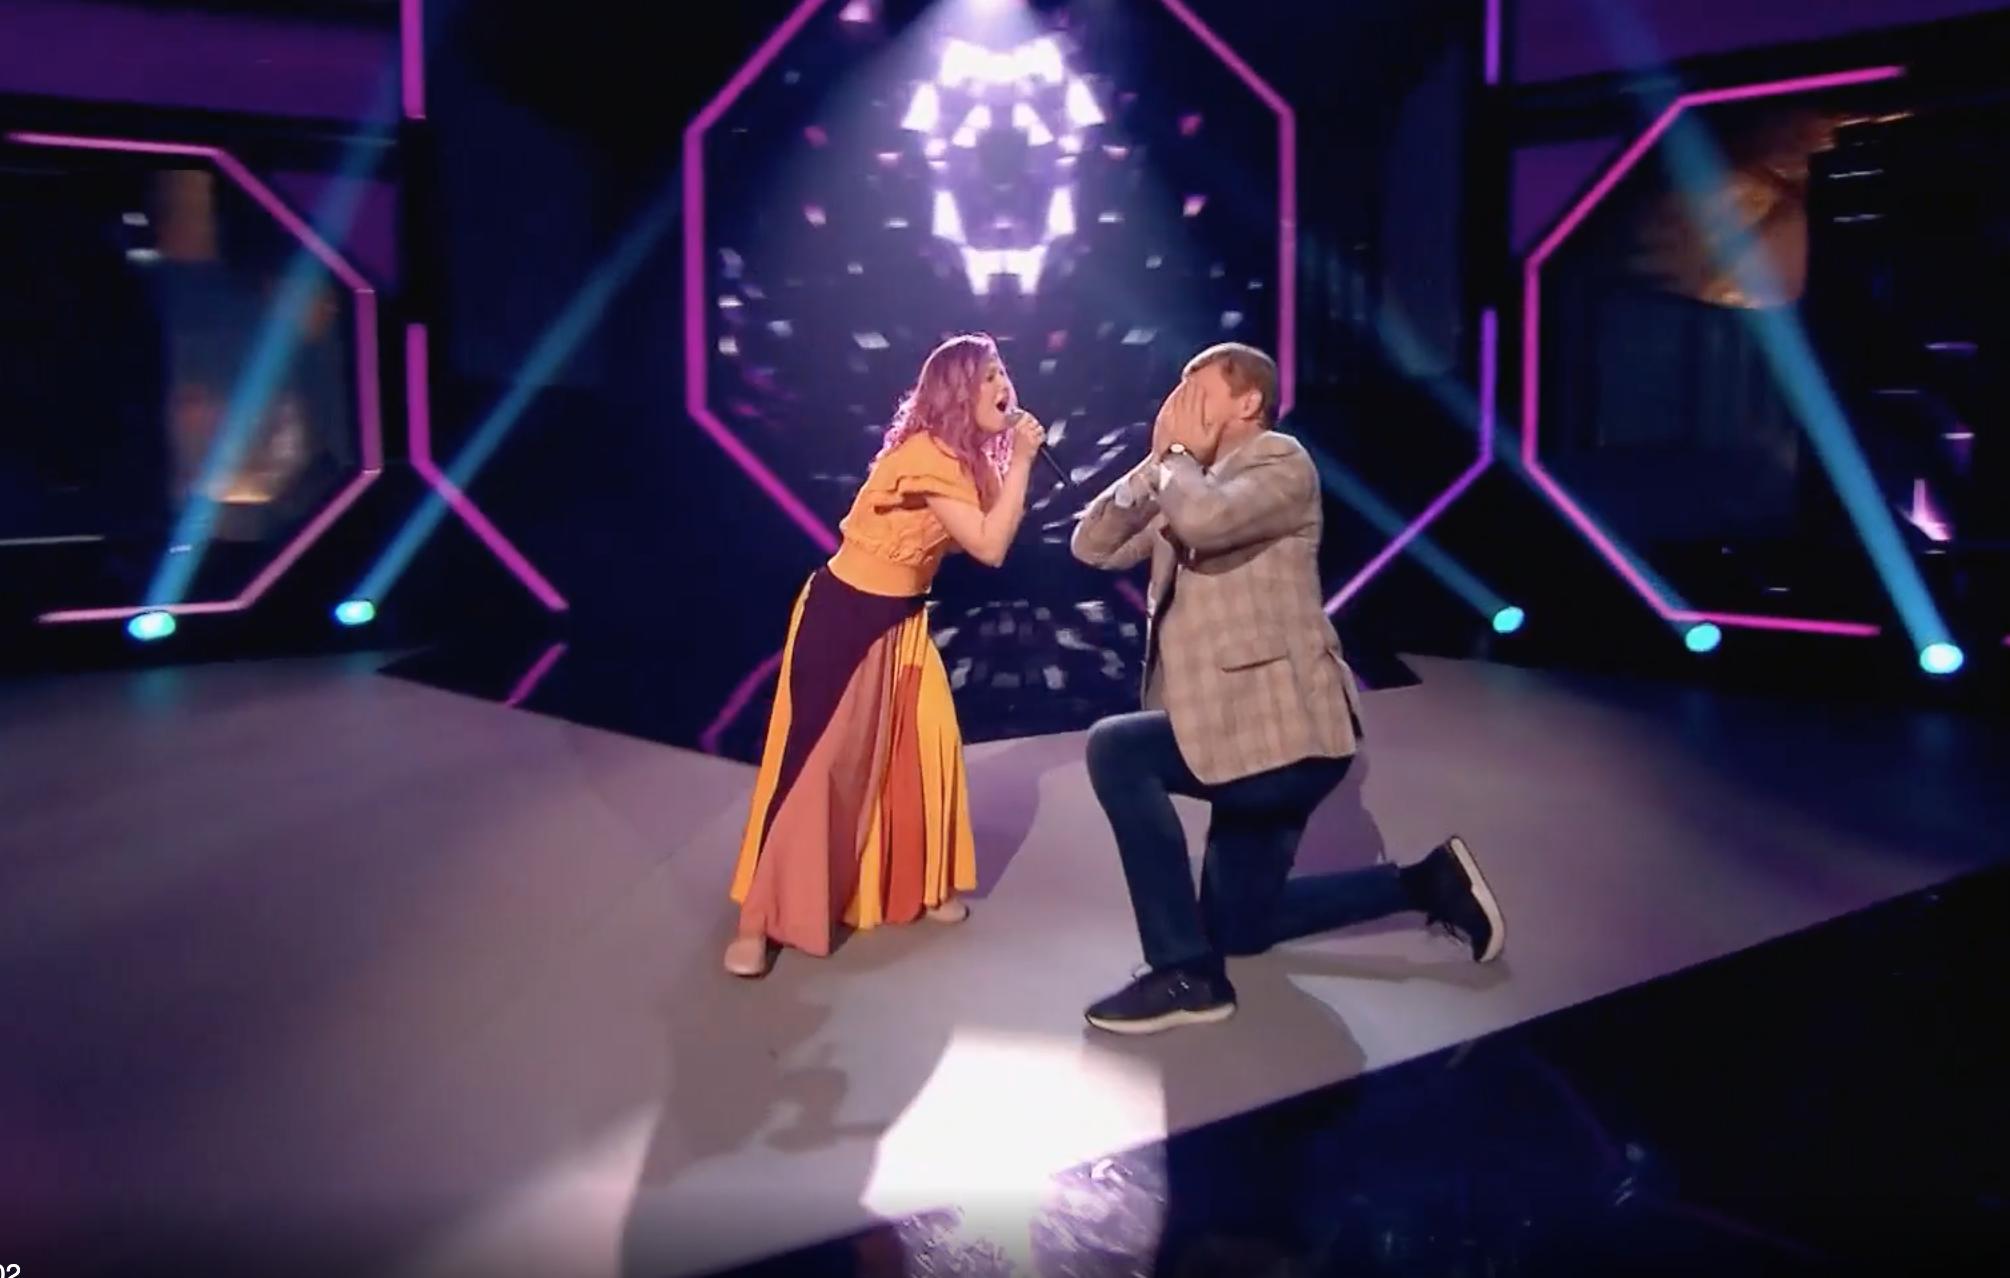 Смолянку исключили из телешоу, несмотря на восхищение «короля поп-музыки»